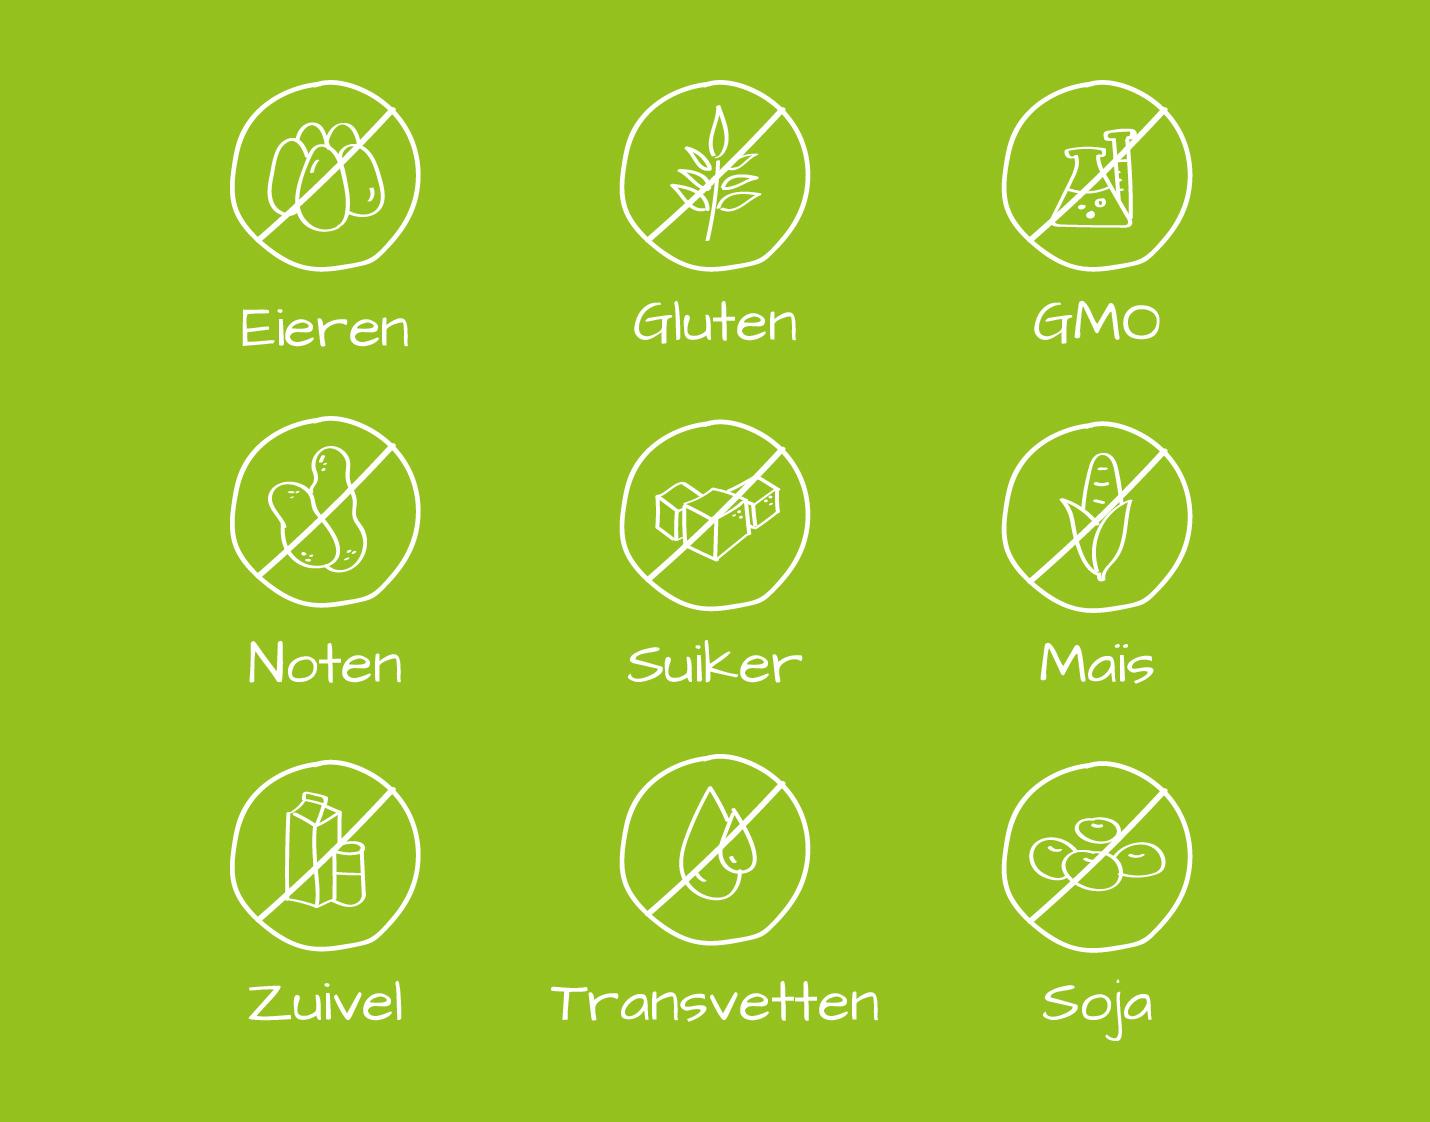 voedselallergie en voedselintolerantie